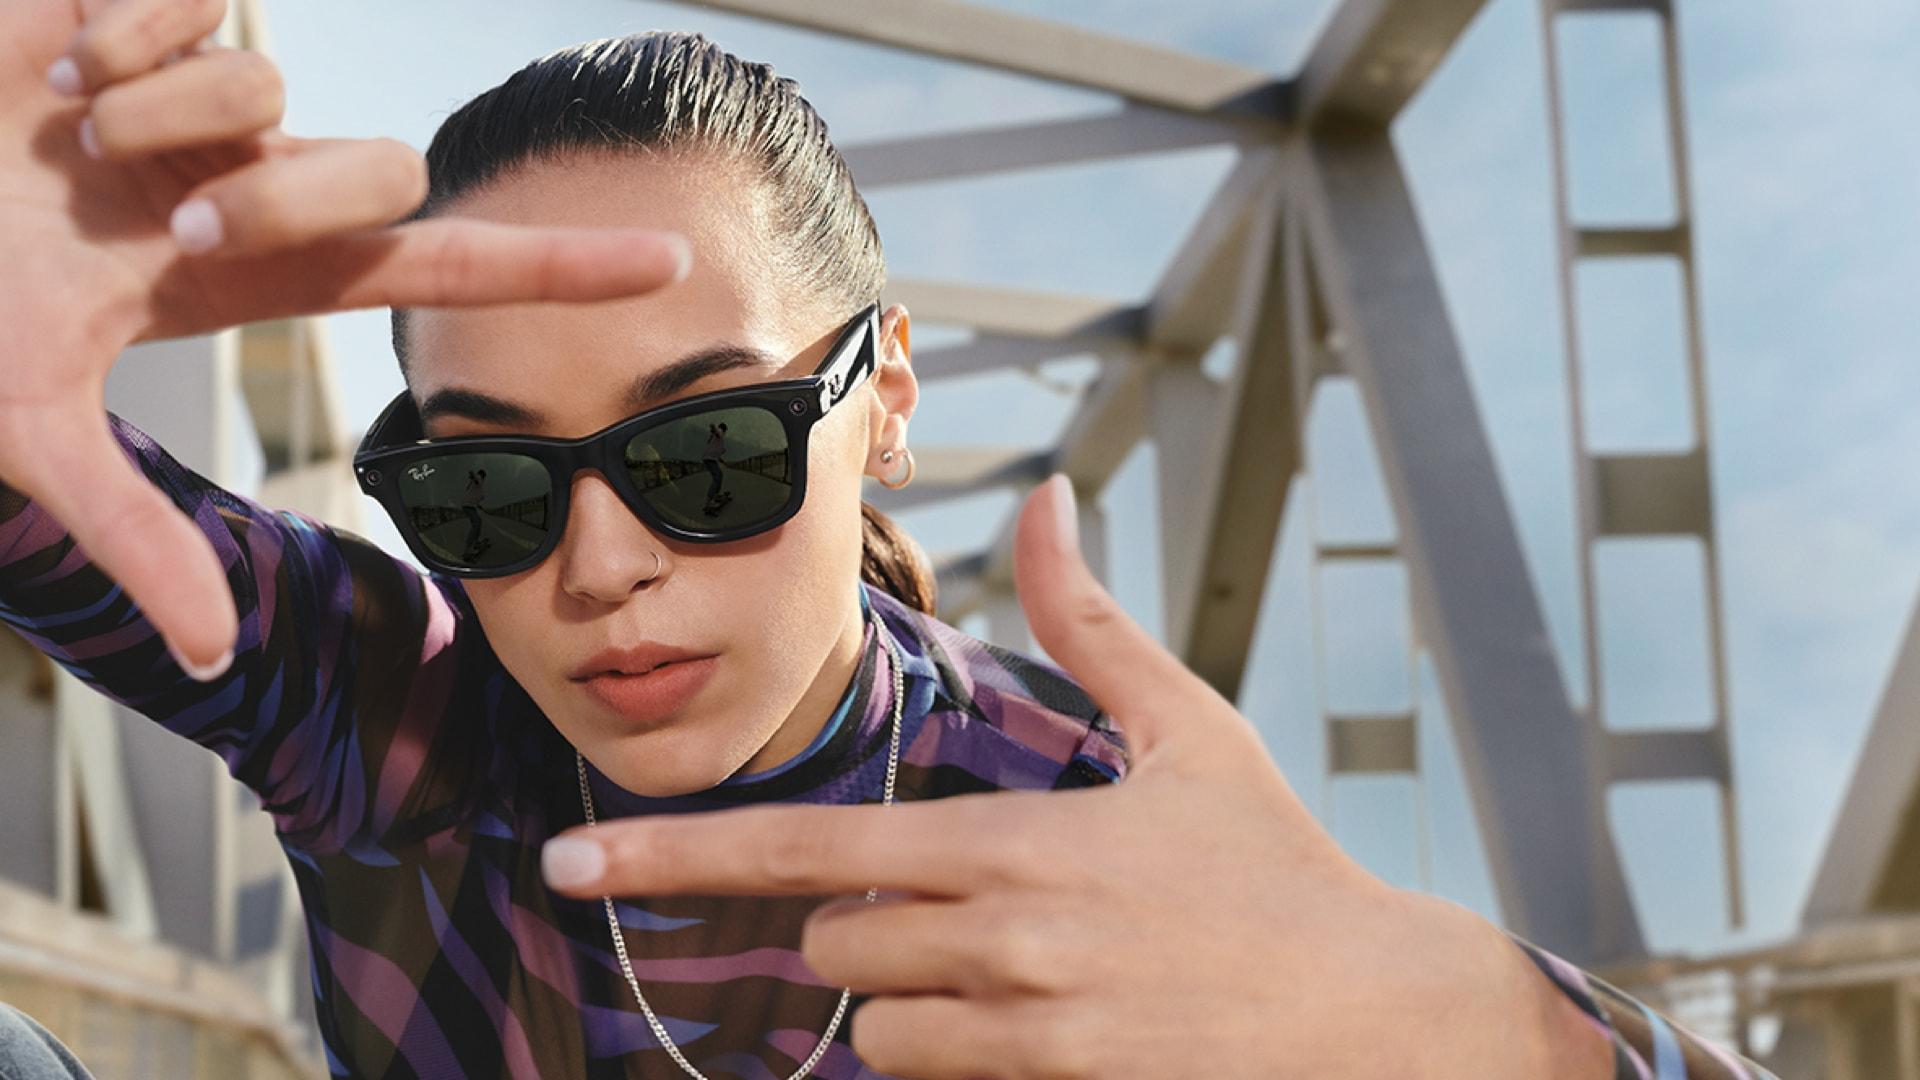 Ray-Ban x Facebook, los lentes inteligentes del futuro